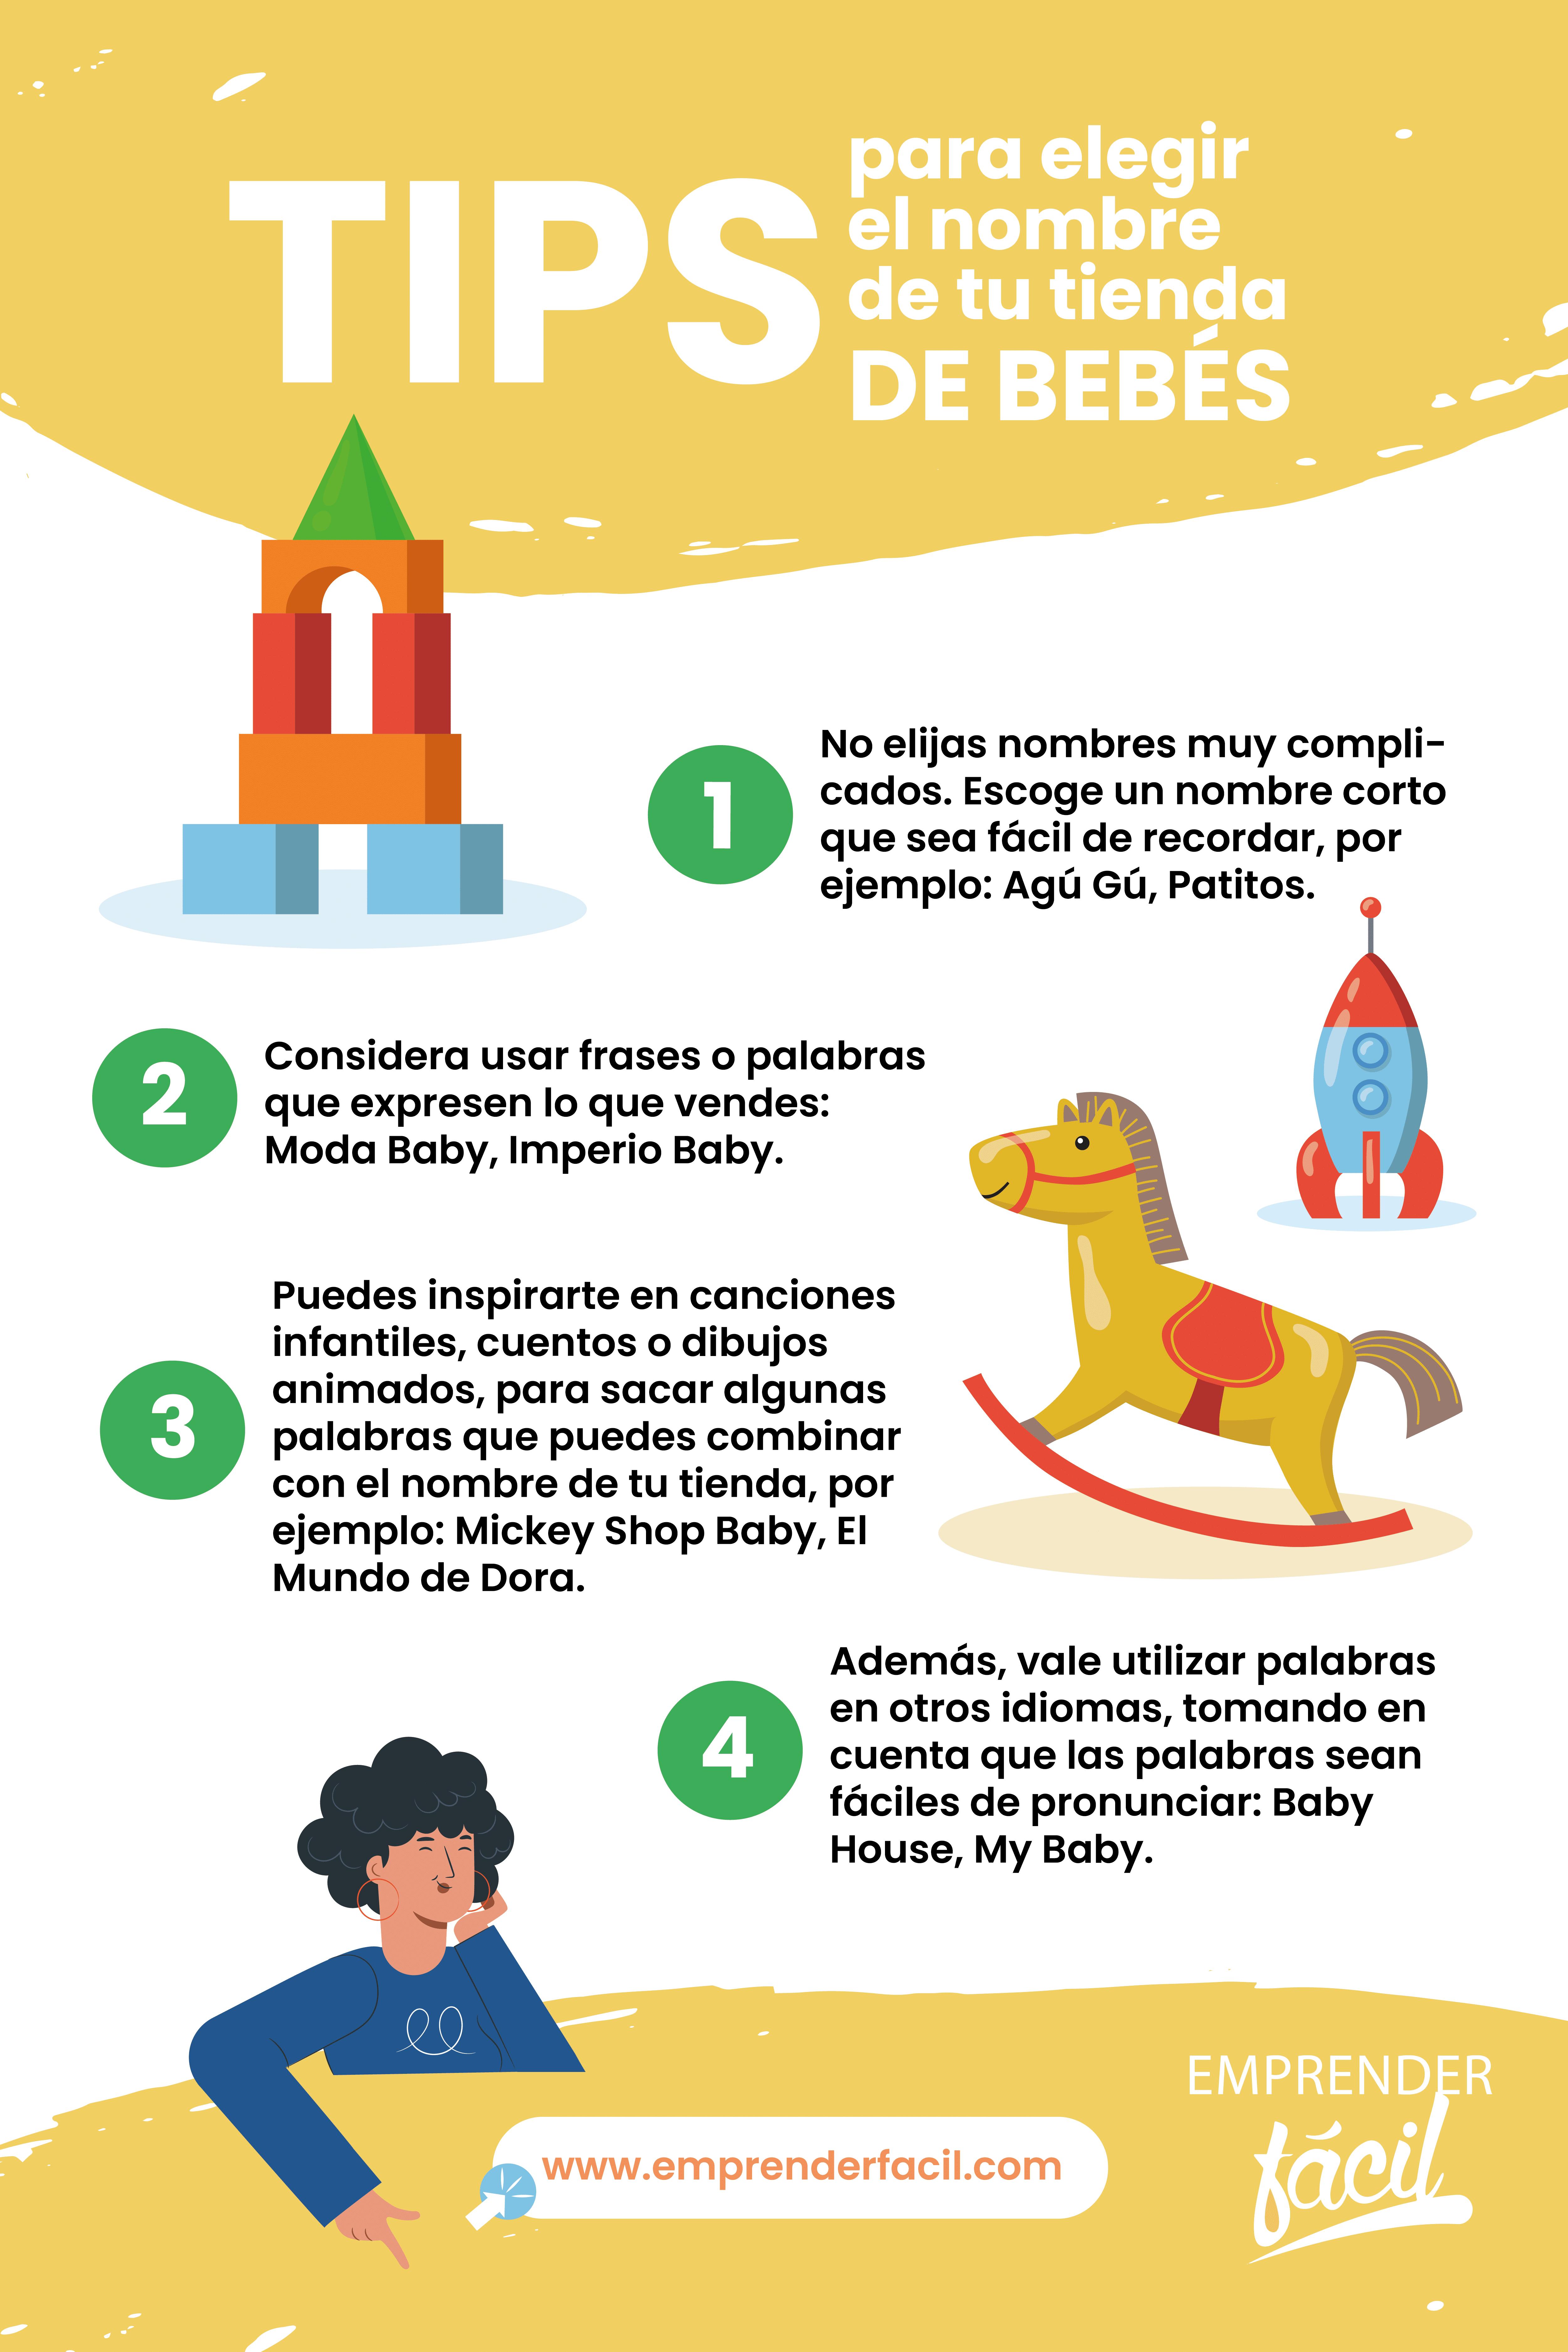 Tienda de Bebés: Datos que debes conocer.